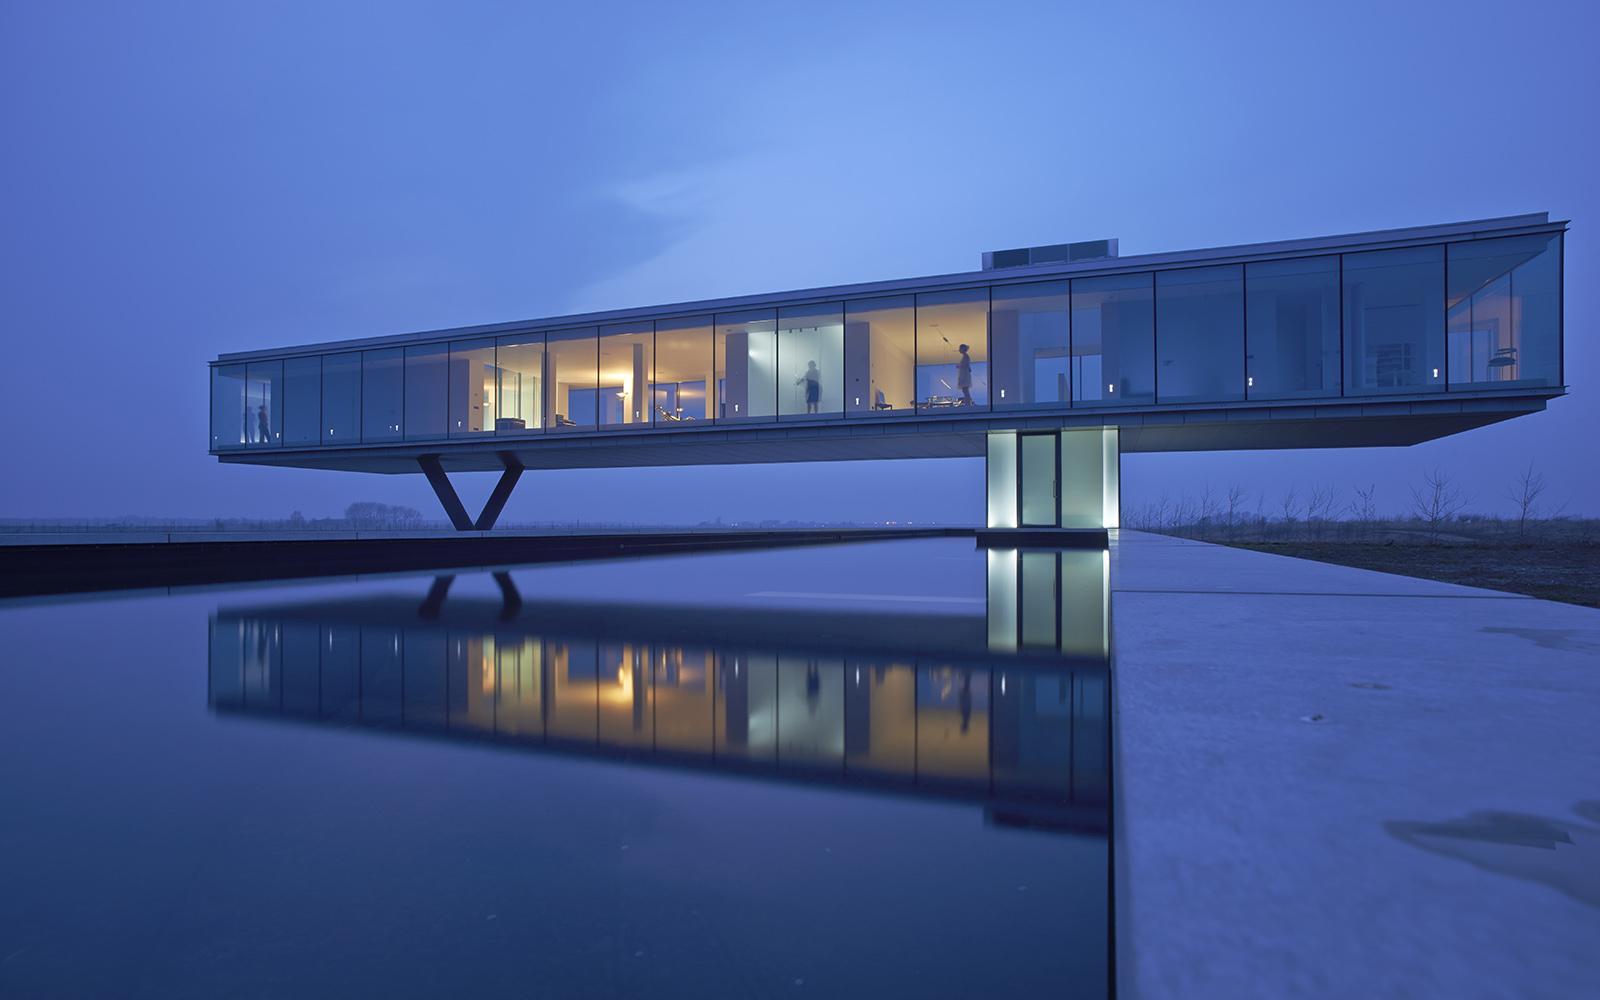 Villa Kogelhof, Paul de Ruiter, Landgoed. architectenbureau, ontwerpbureau, the art of living